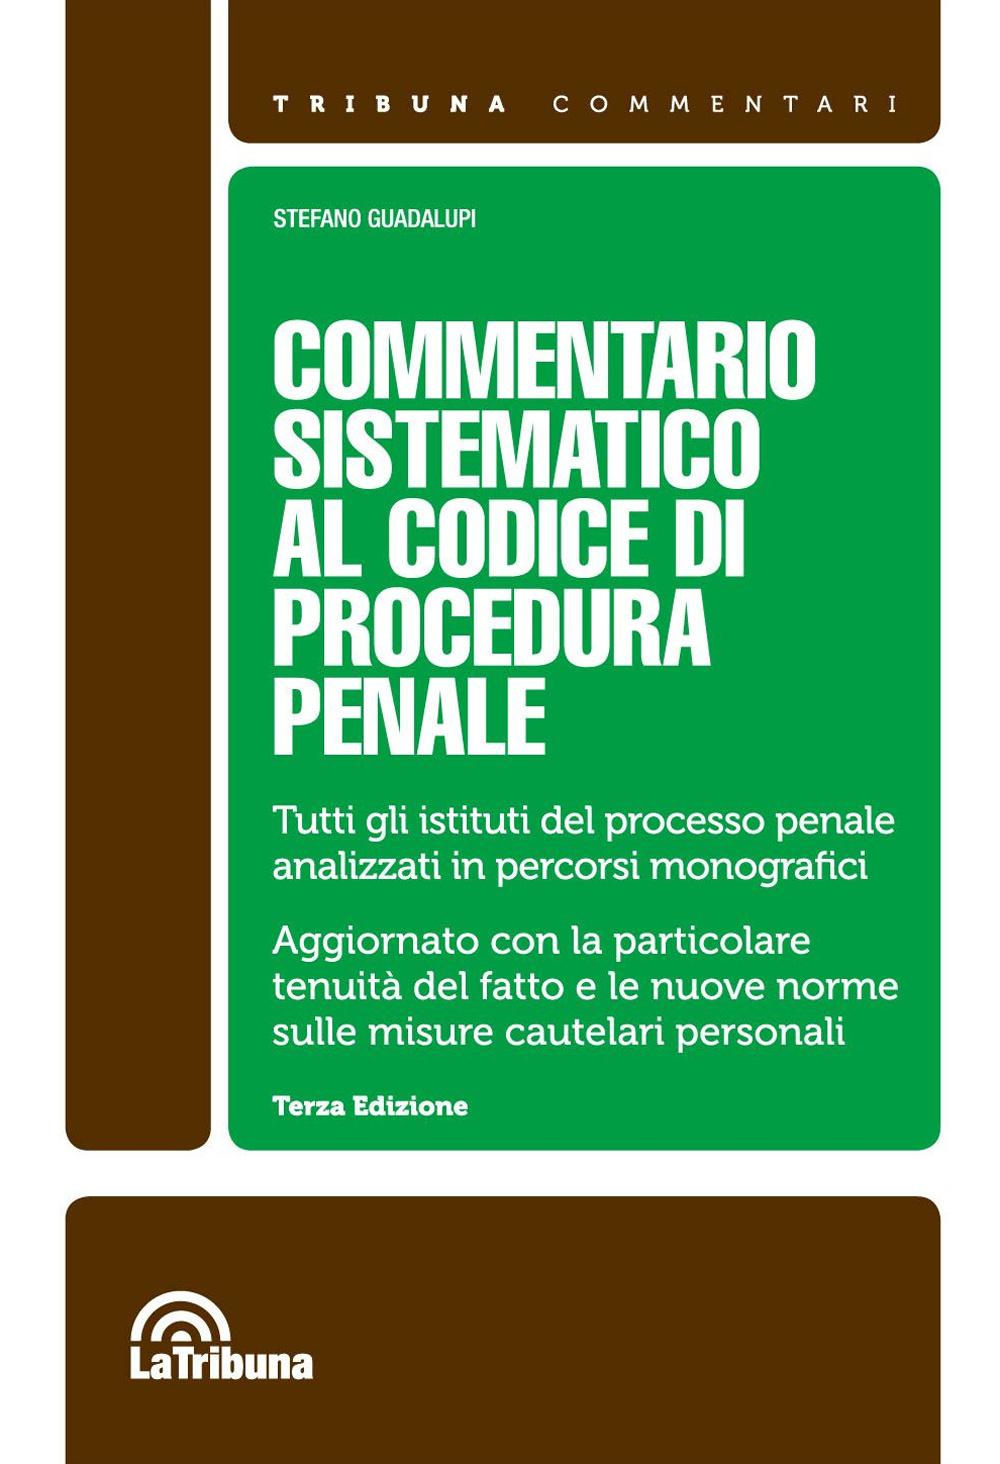 Commentario sistematico al codice di procedura penale